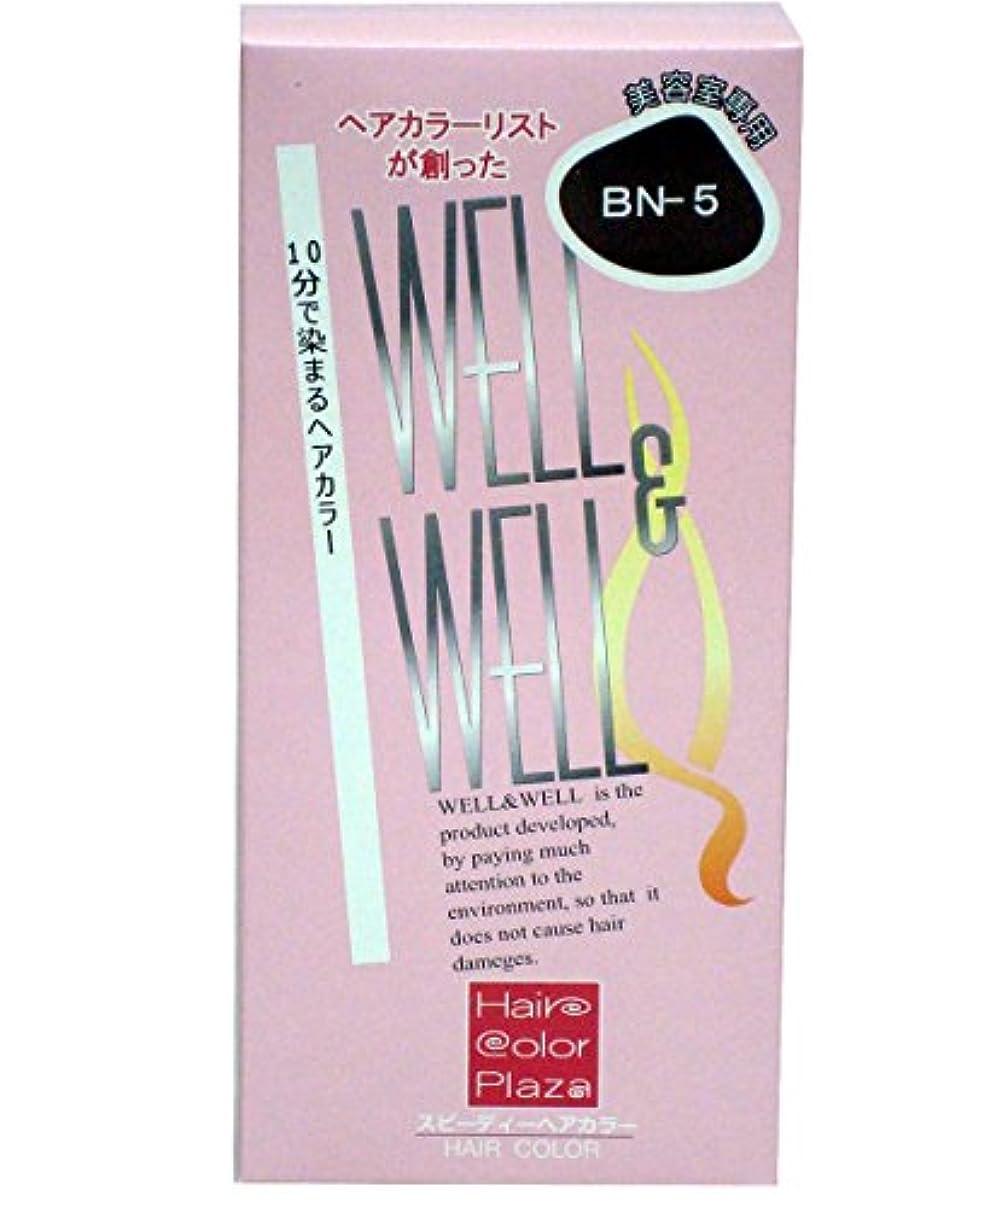 経験的威信インテリア【美容室専用】 ウェル&ウェル スピーディヘアカラー ナチュラルブラウン BN-5